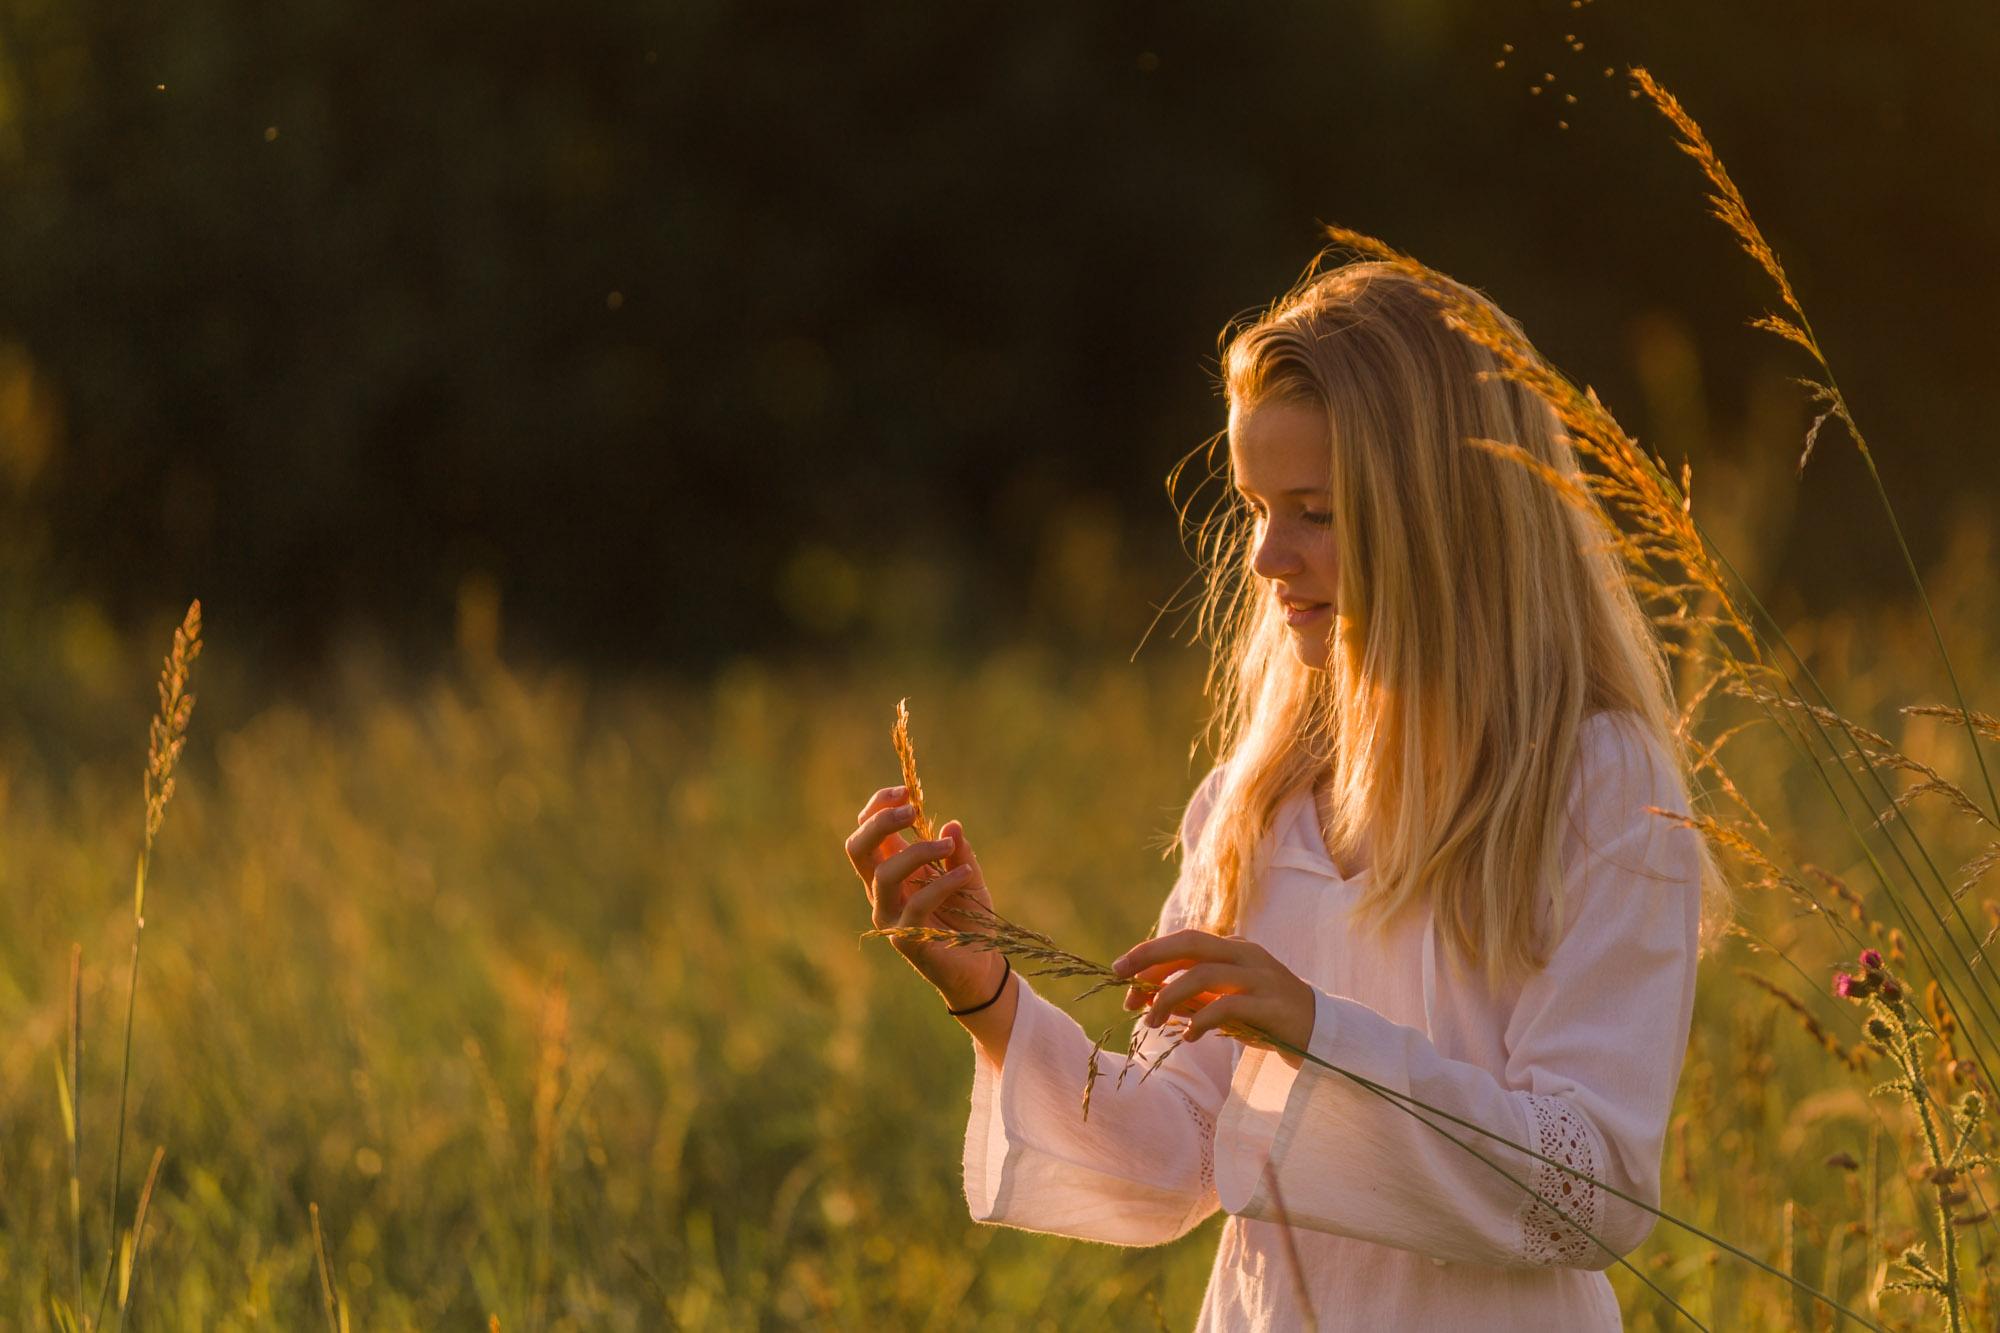 Romantisch portret van blond meisje bij hoog gras door MayraFotografie